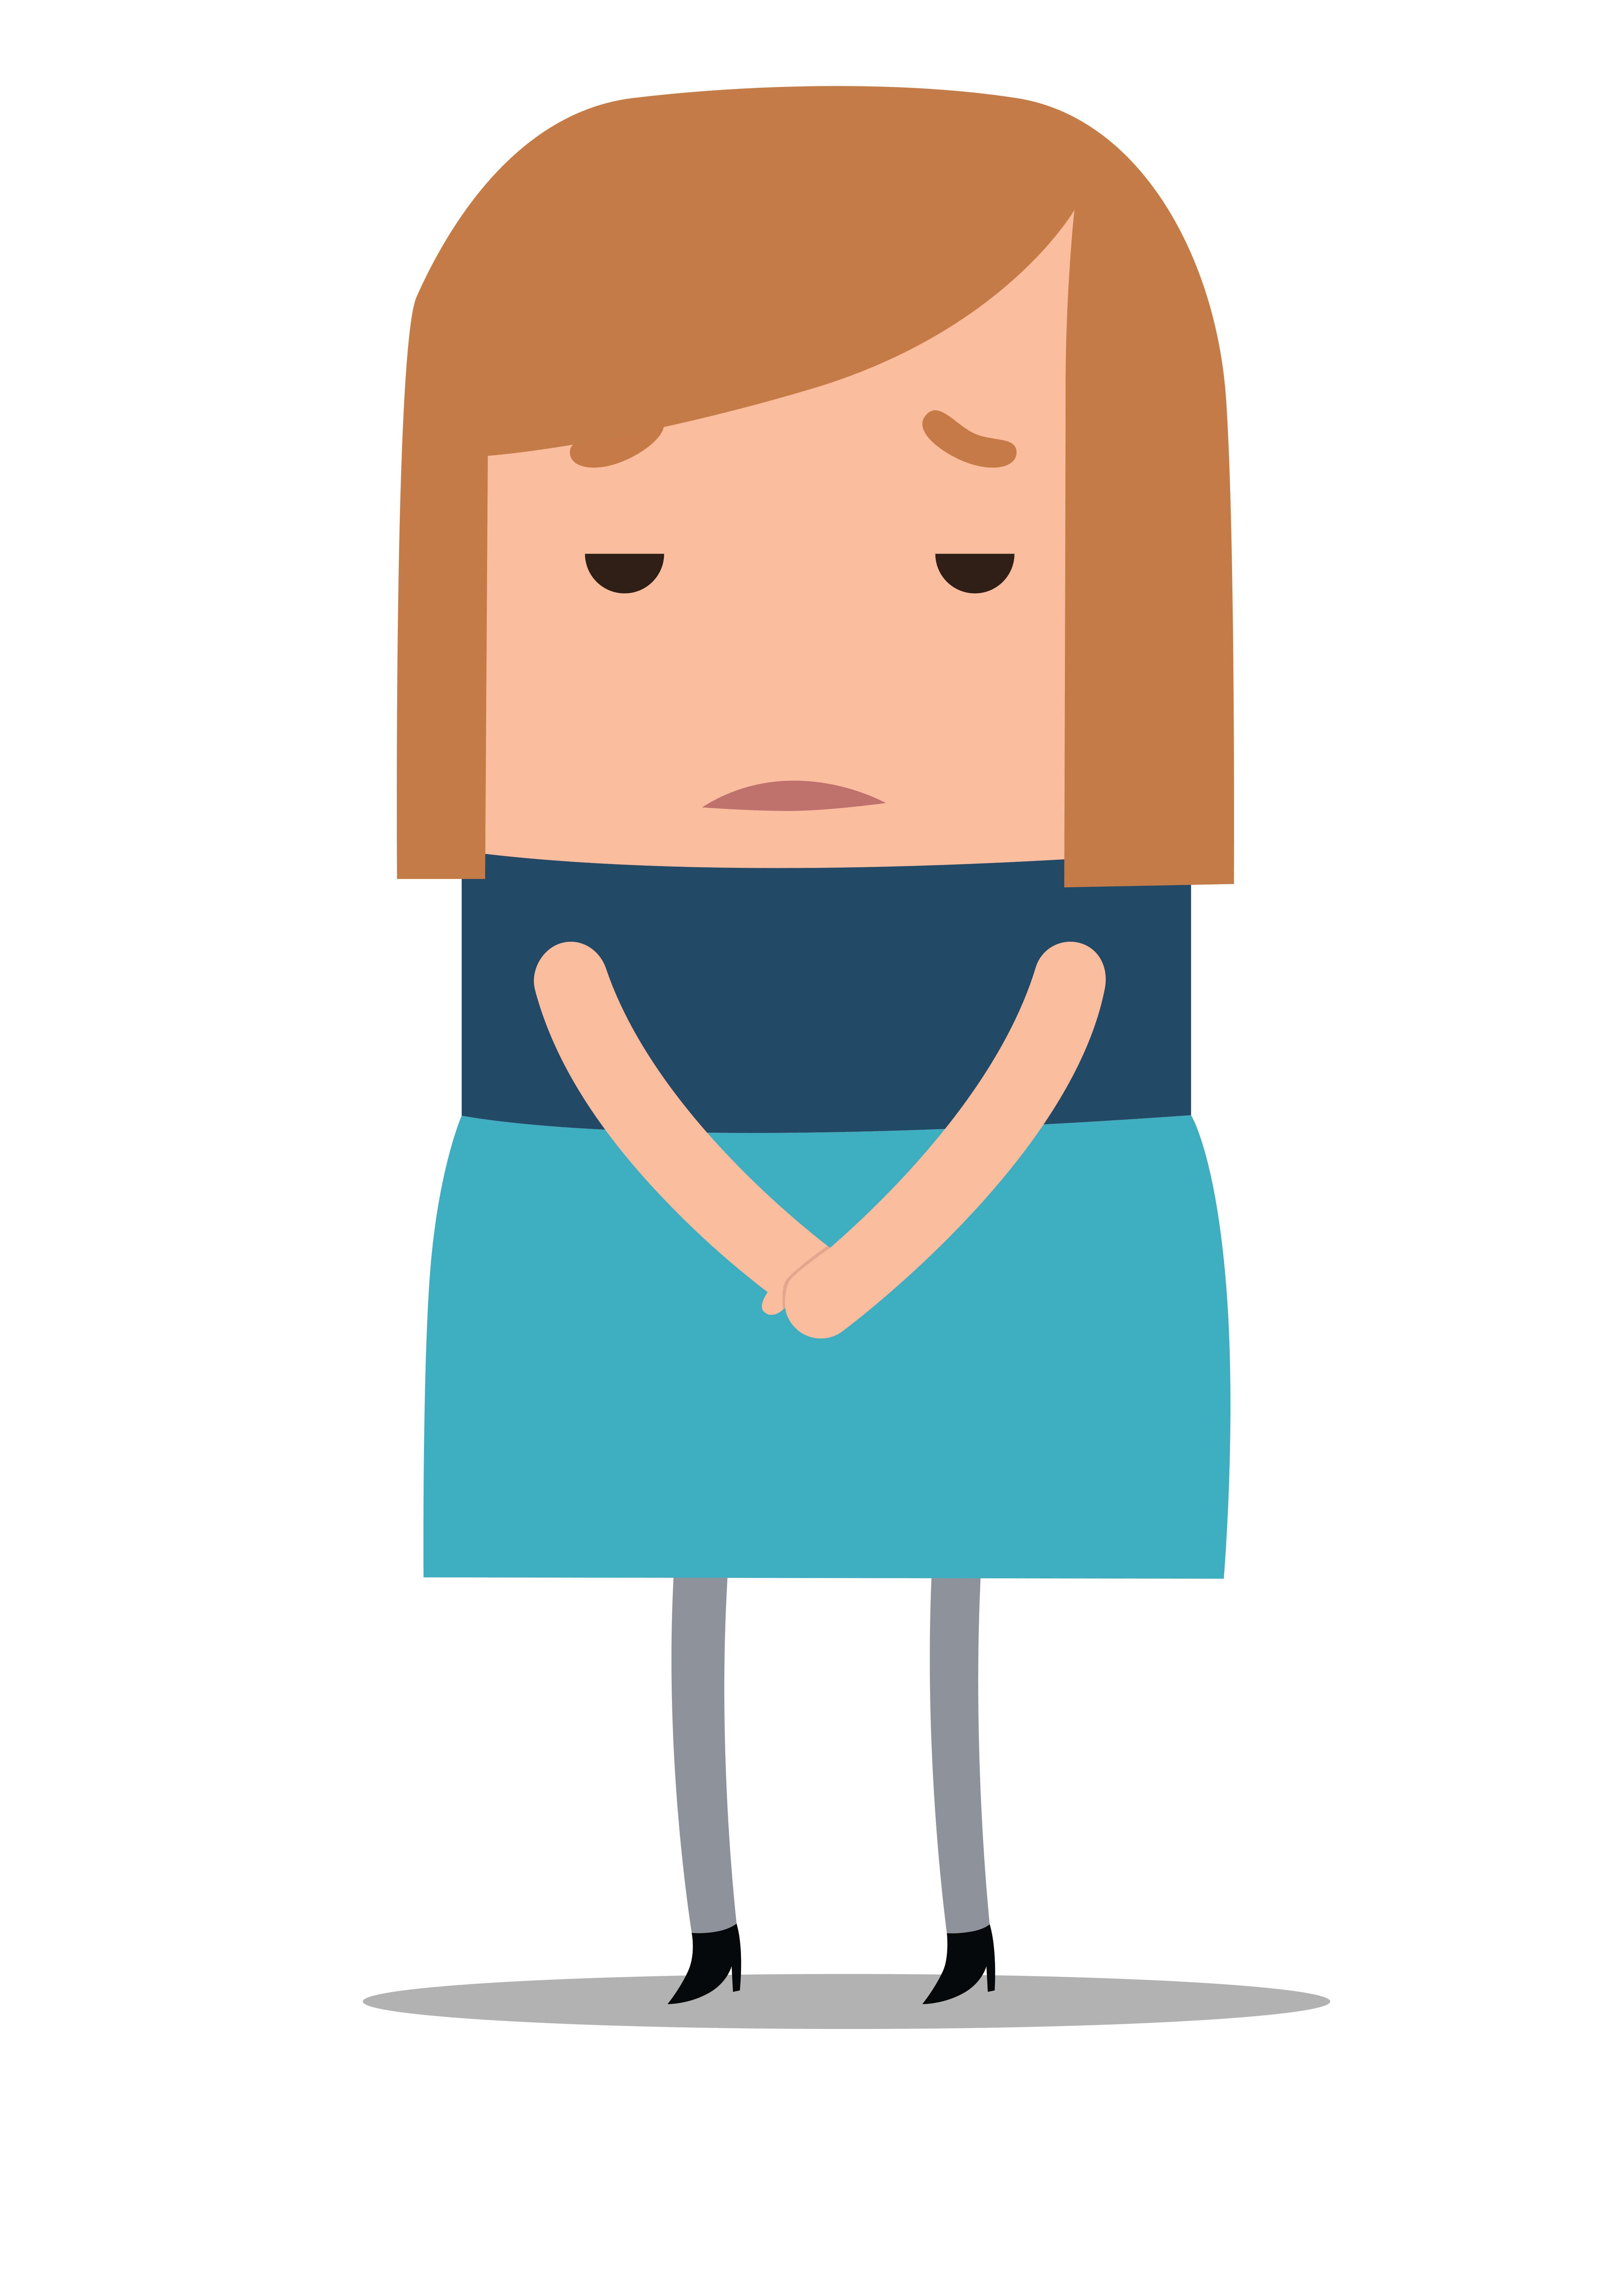 Illustratie verdrietig kijkende vrouw